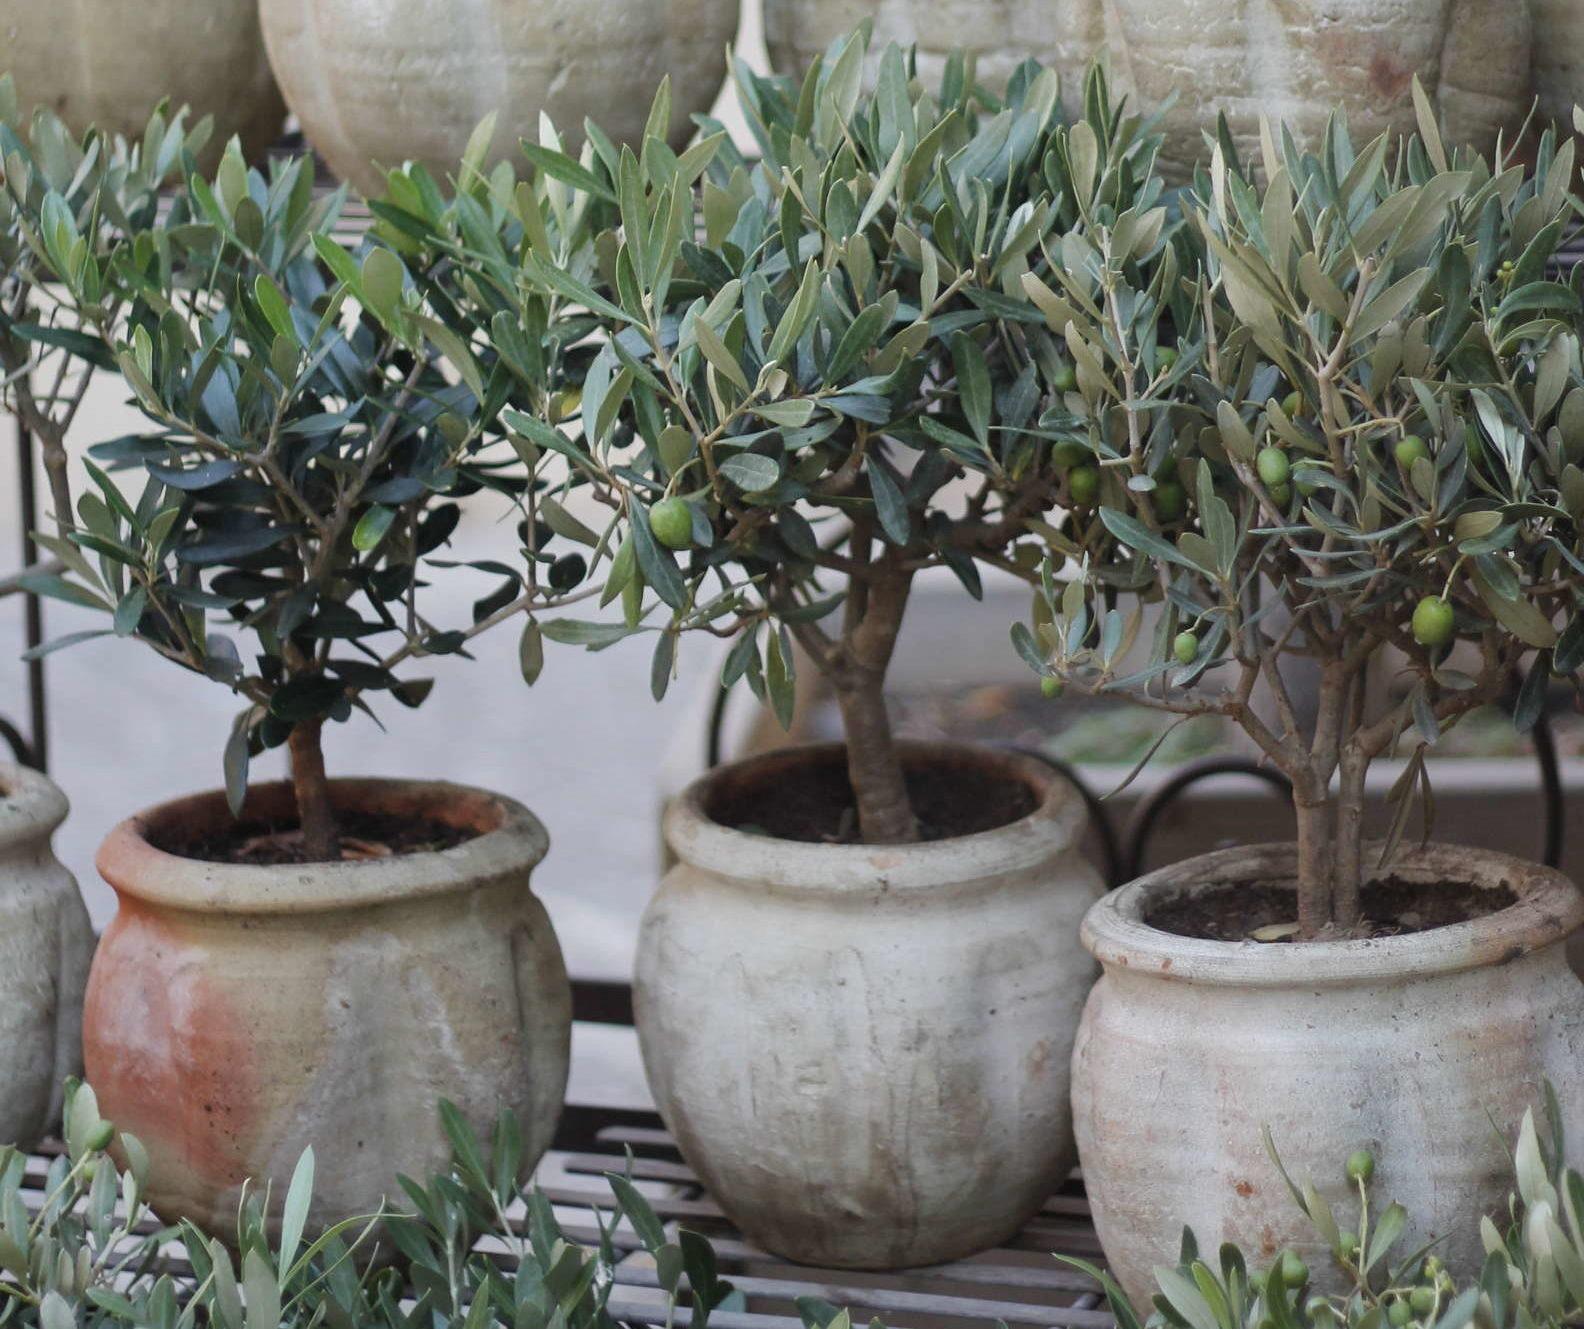 Beliebt Olivenbaum: Alles zum Pflanzen, Pflegen & Überwintern - Plantura PU38